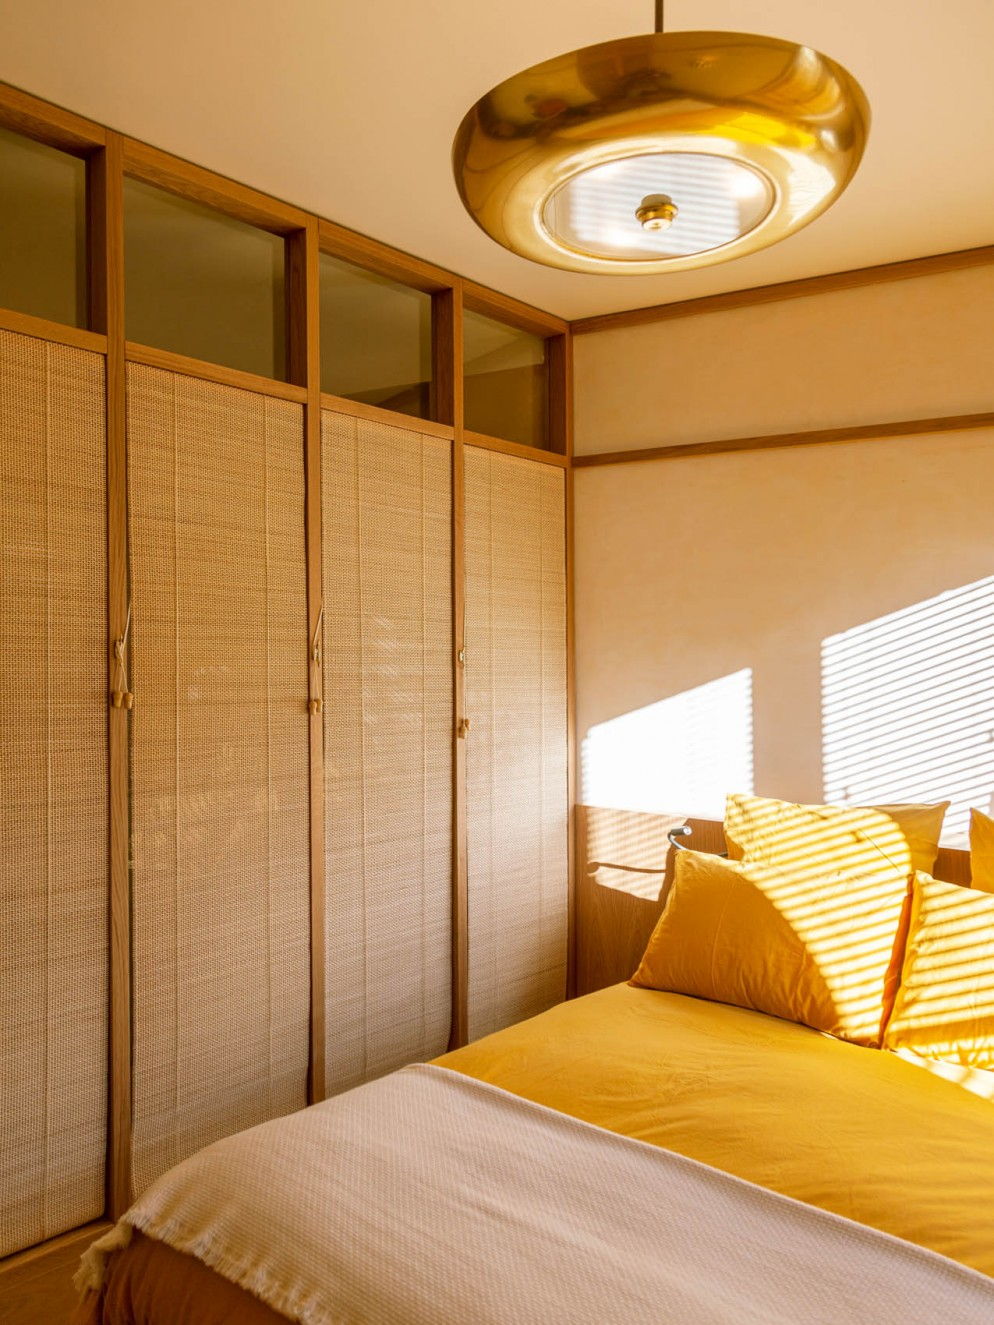 casa-progetto-toro-and-liutard-architetti- Toro-and-liautard06